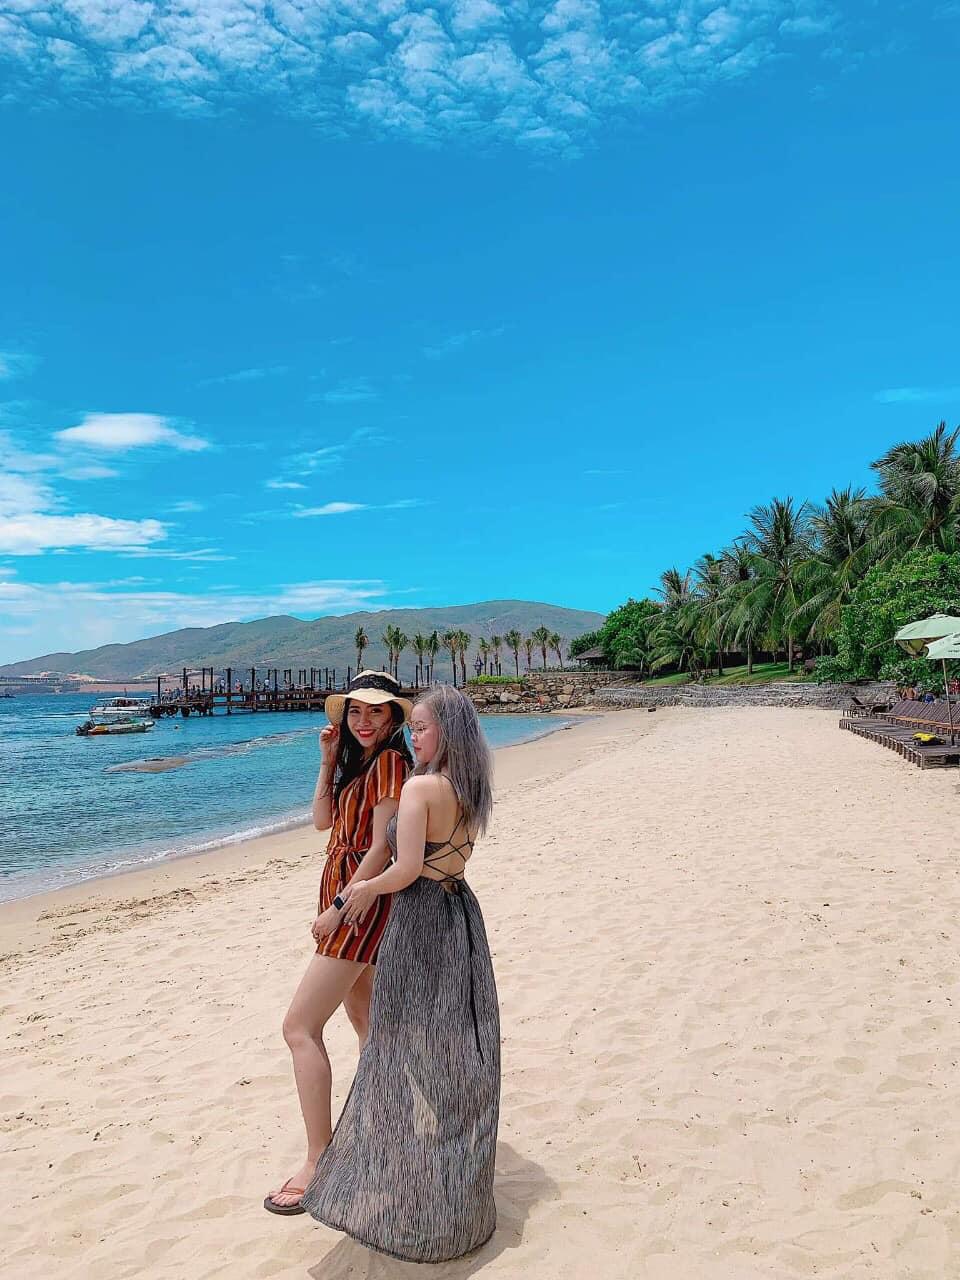 Tour du lịch từ Hải Phòng đi Nha Trang: Ưu đãi bất tận trong mùa hè này - Ảnh 6.